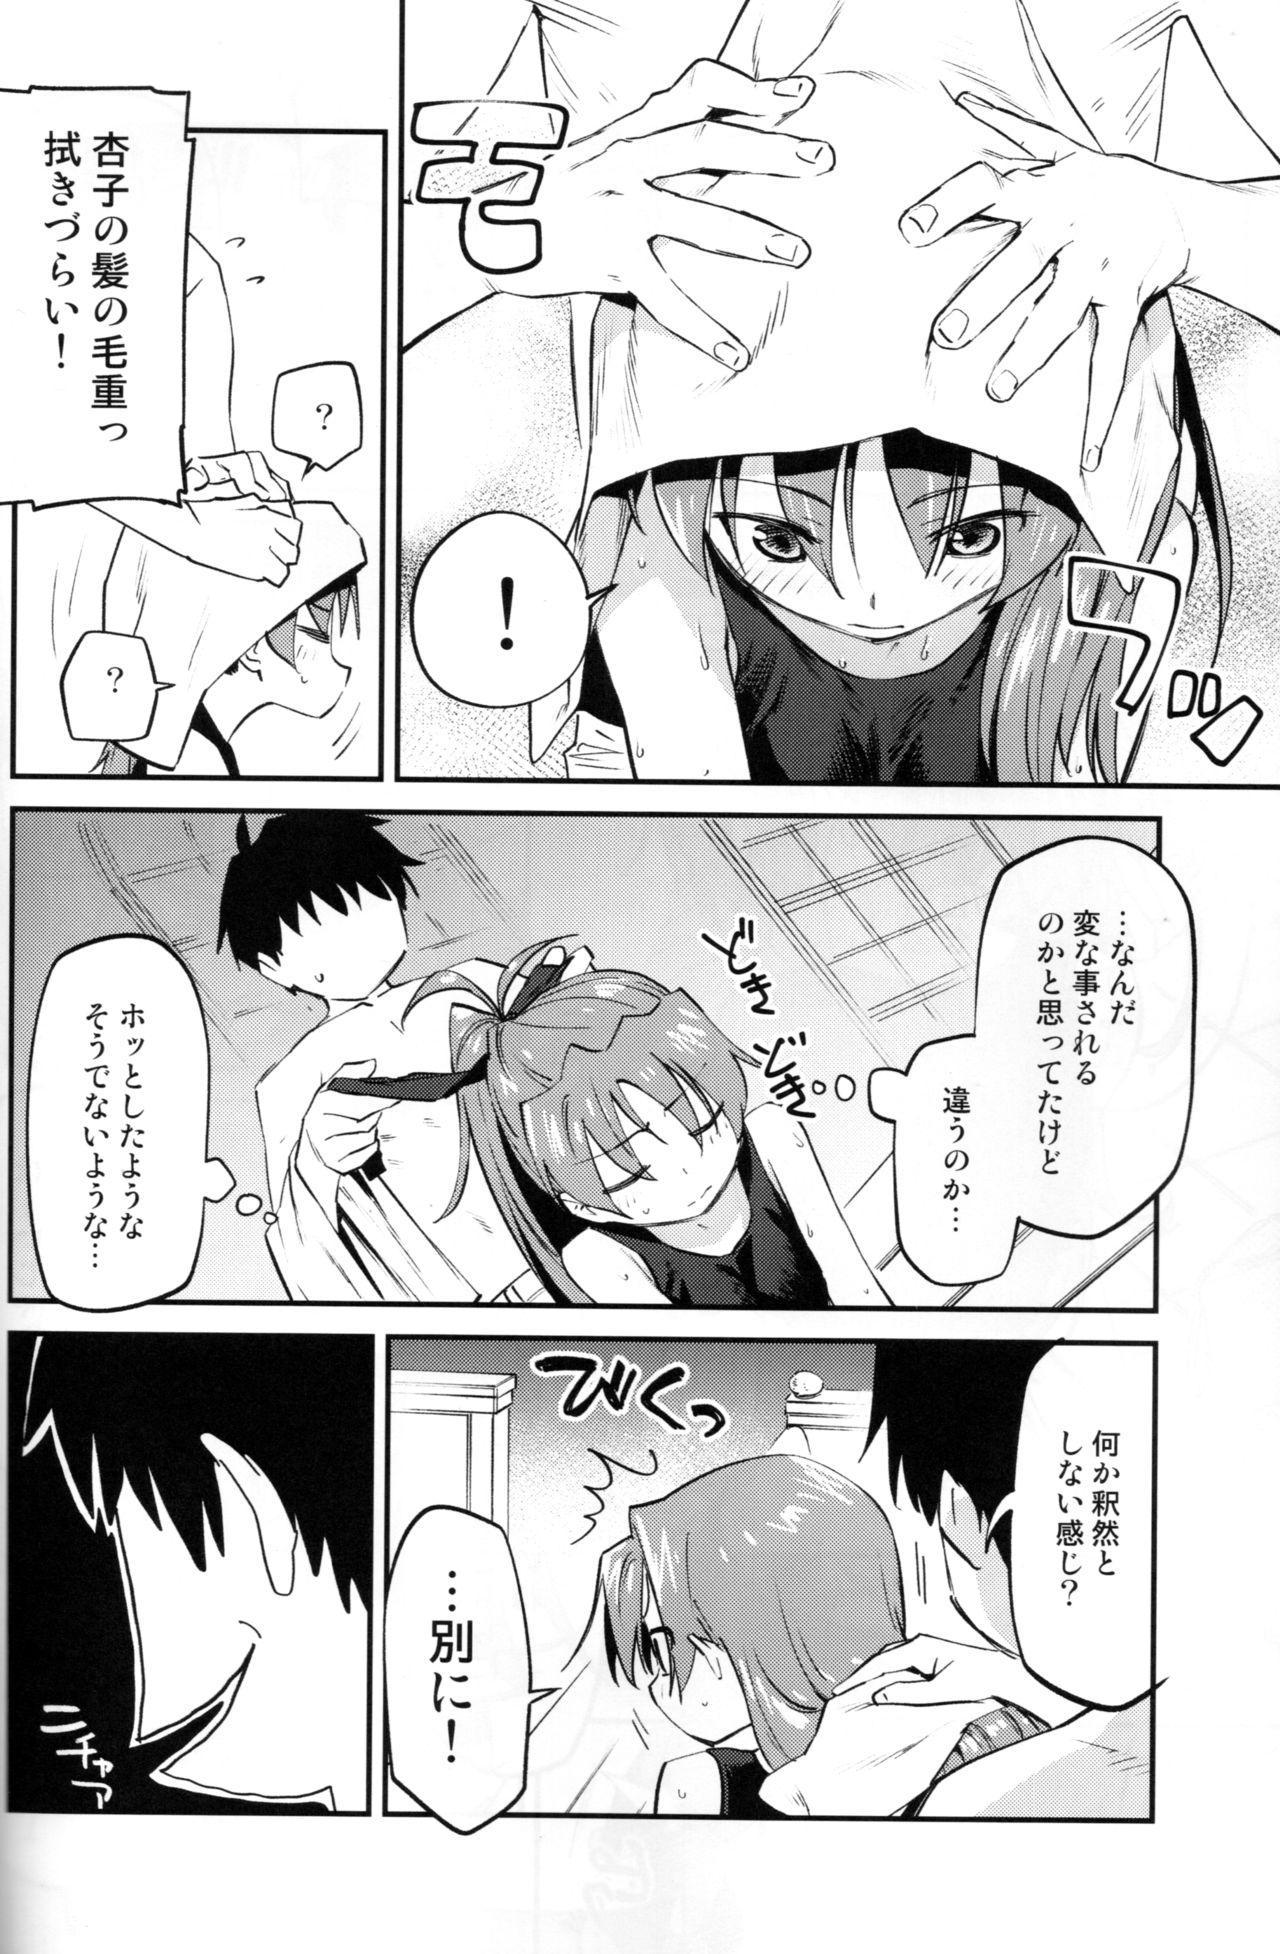 Kyouko to Are Suru Hon 3 6